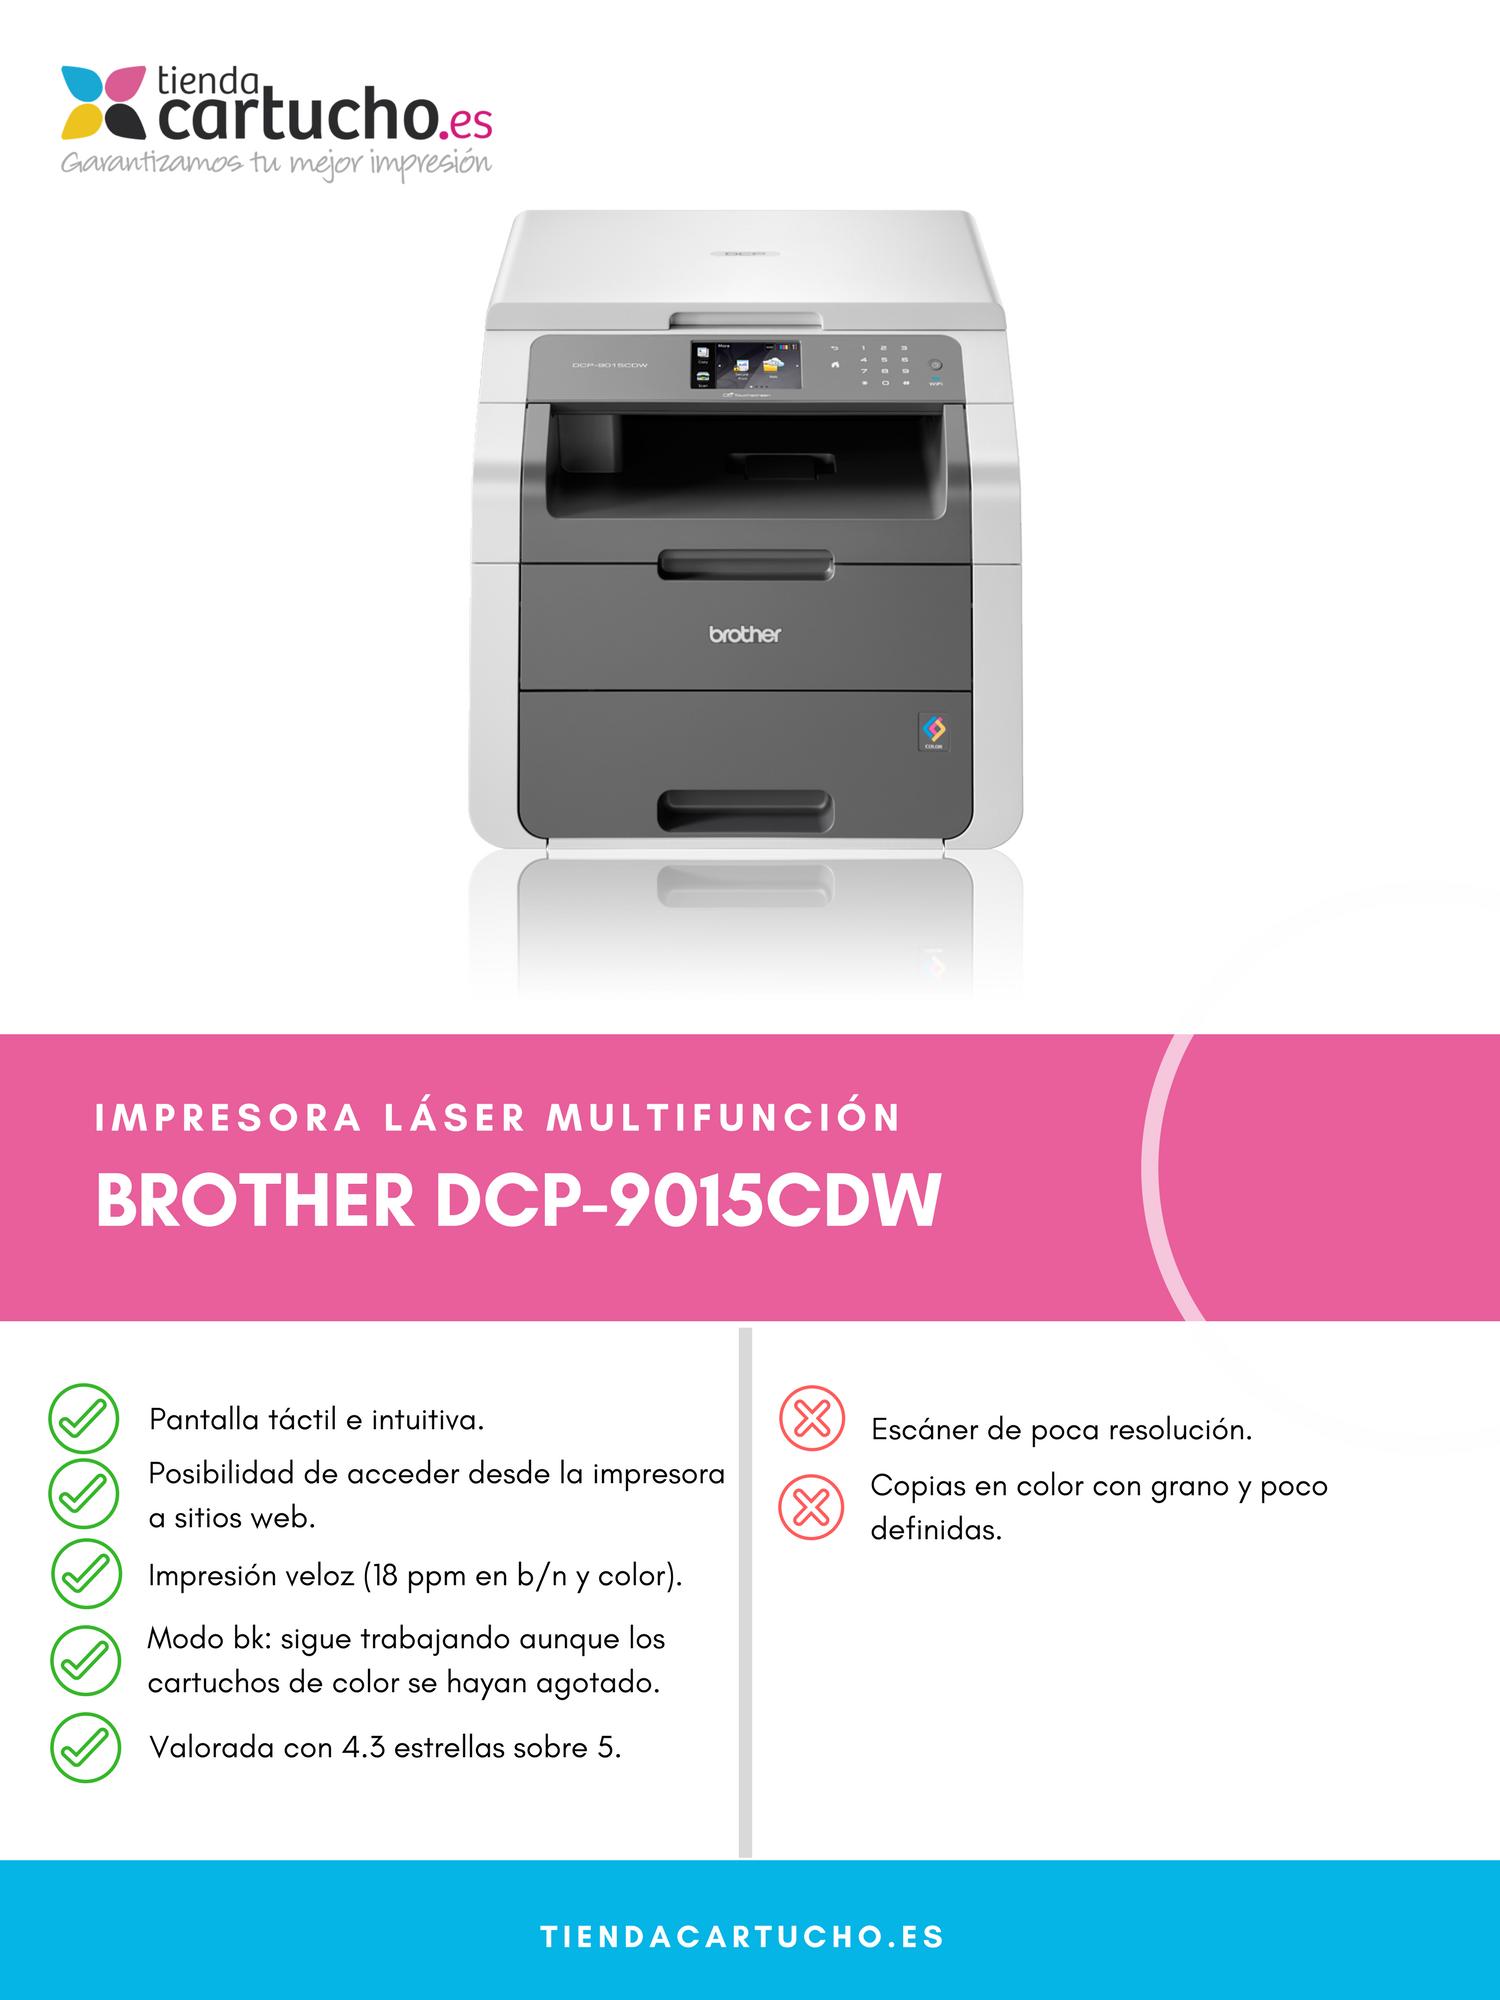 Brother DCP-9015CDW | Pros y Contras【2018】